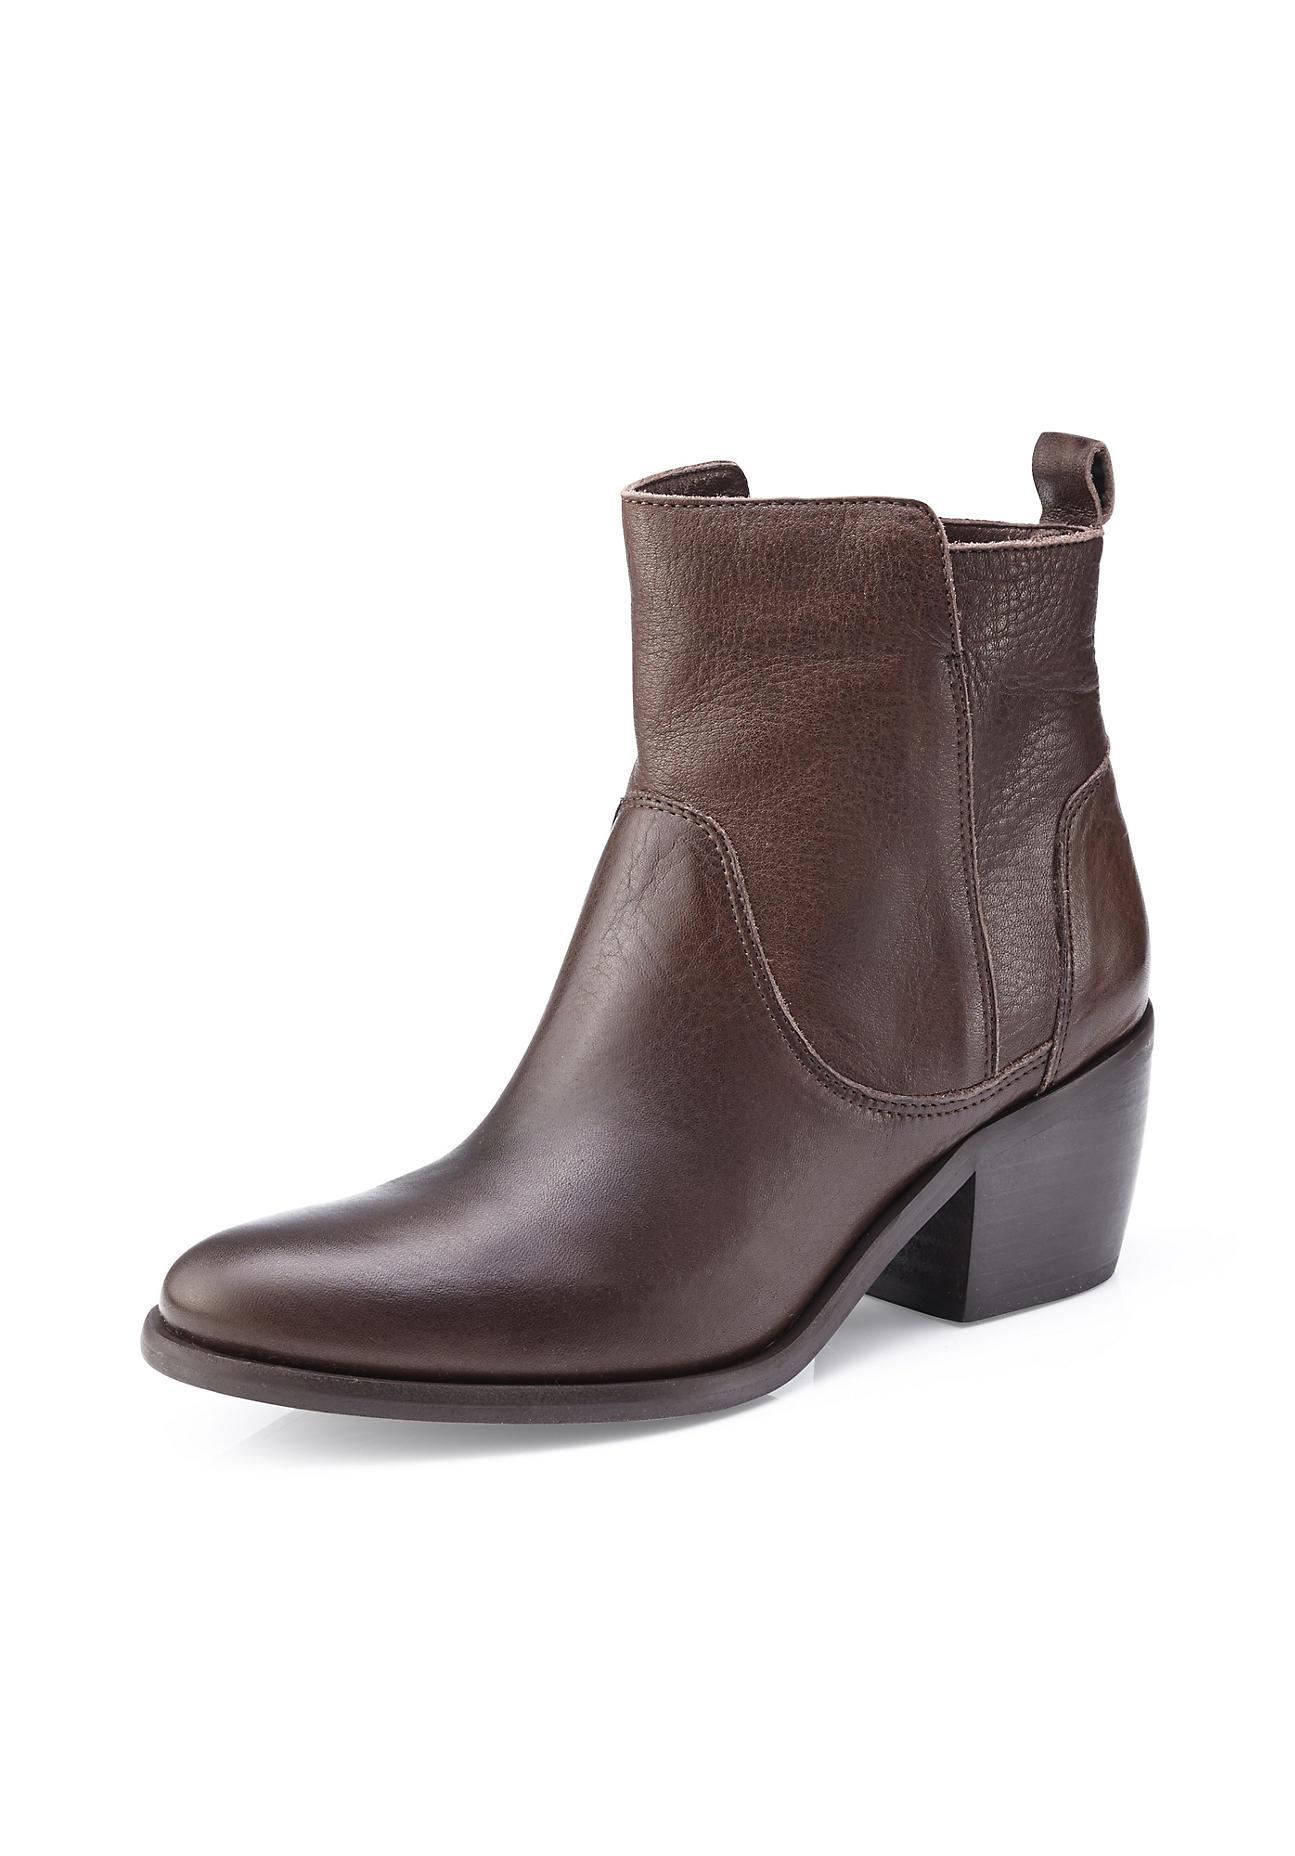 Stiefel für Frauen - hessnatur Damen Damen Stiefelette aus Leder – braun –  - Onlineshop Hessnatur